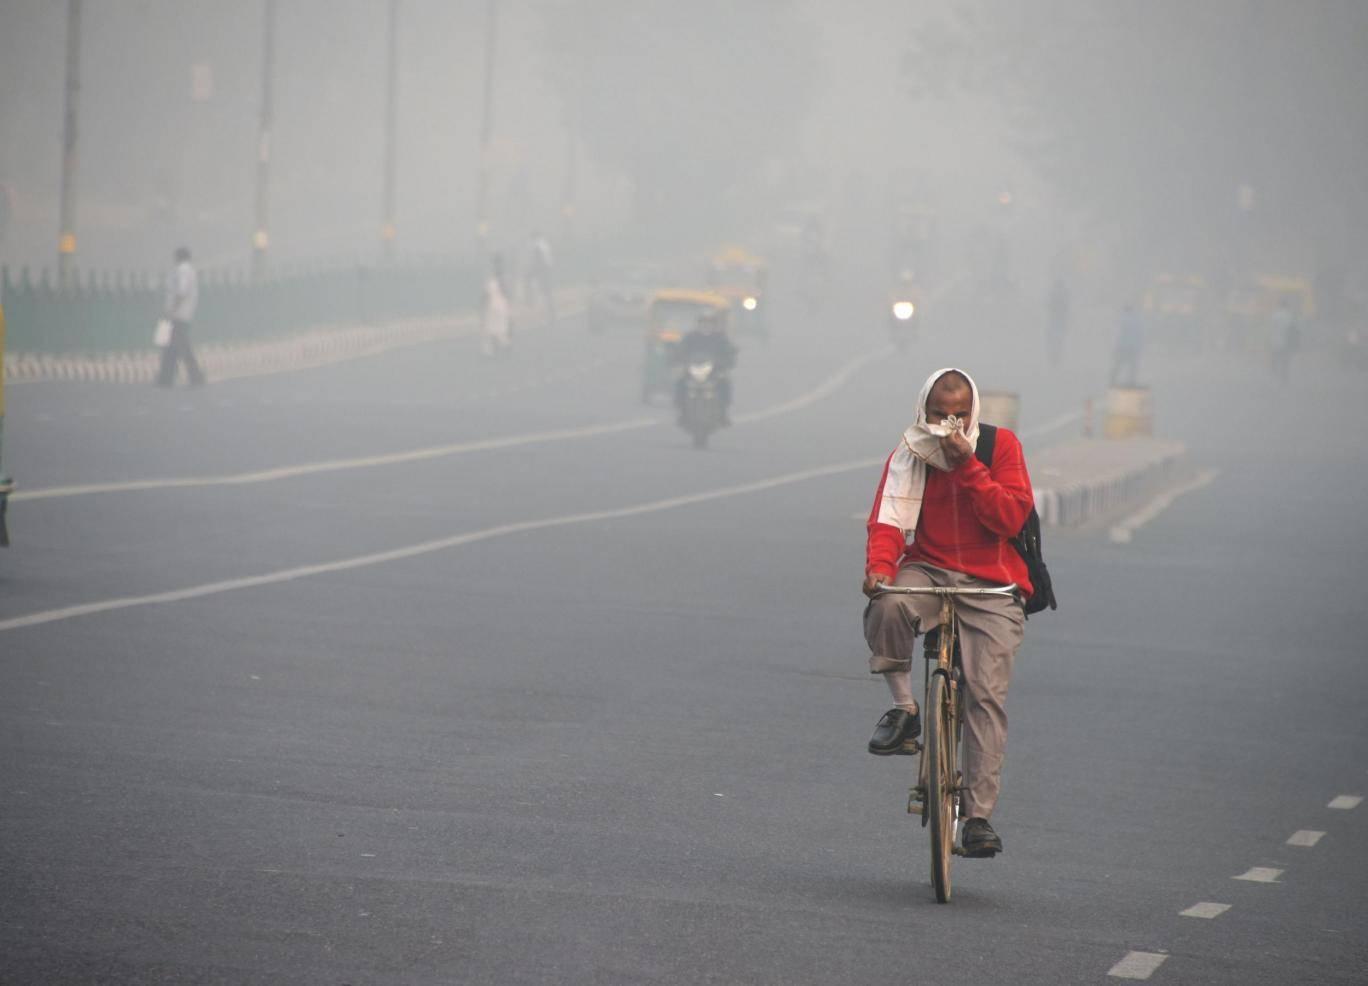 Thủ đô New Delhi là thành phố ô nhiễm nhất Ấn Độ